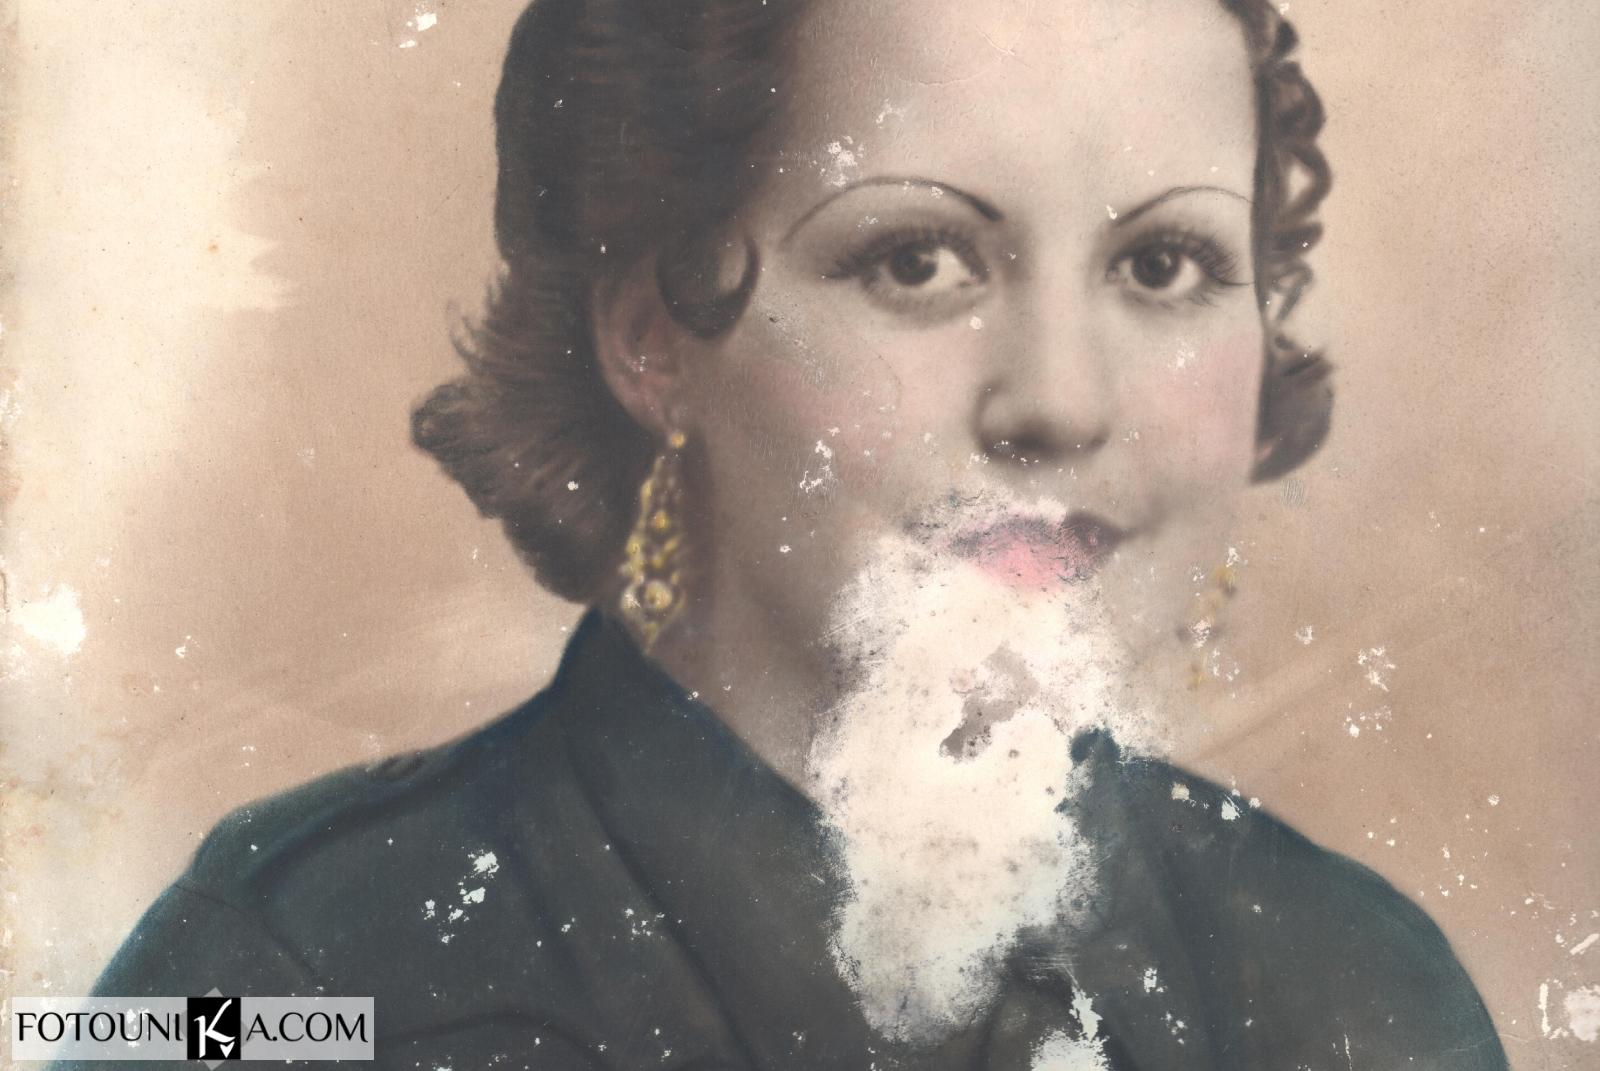 Retoque, restauración y coloreado de fotos antiguas